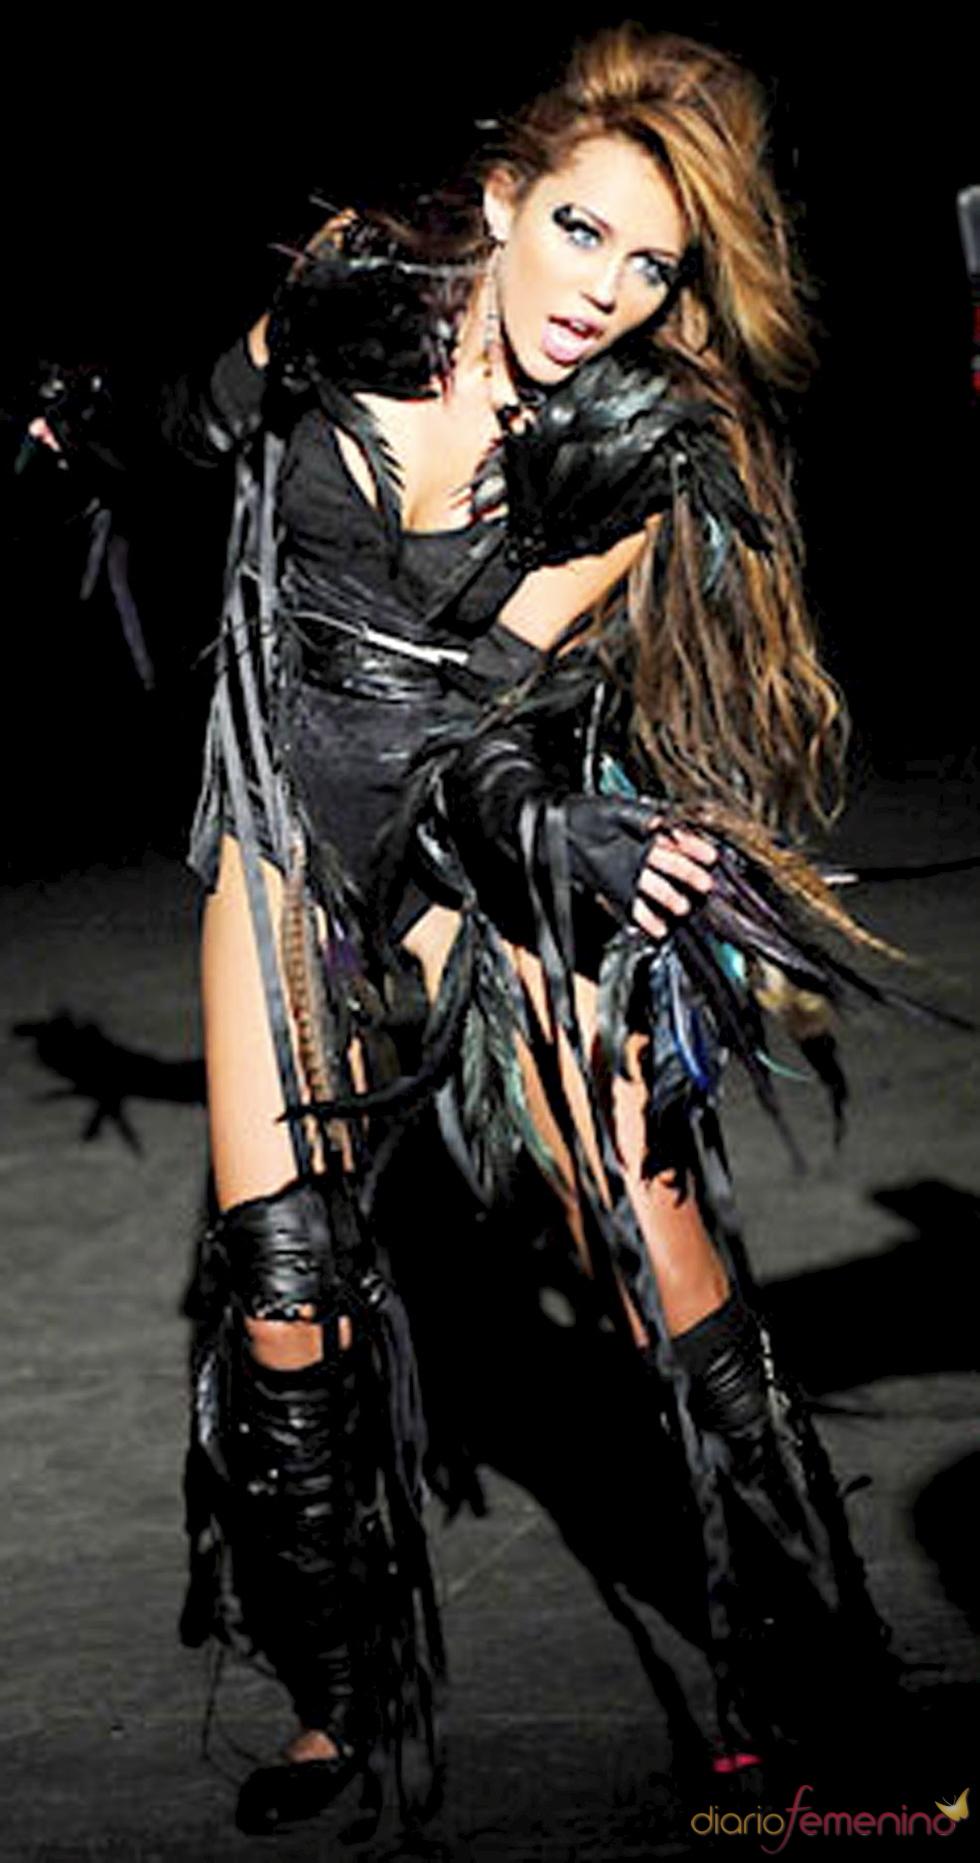 Miley Cyrus en el videoclip de 'Can't be Tamed'